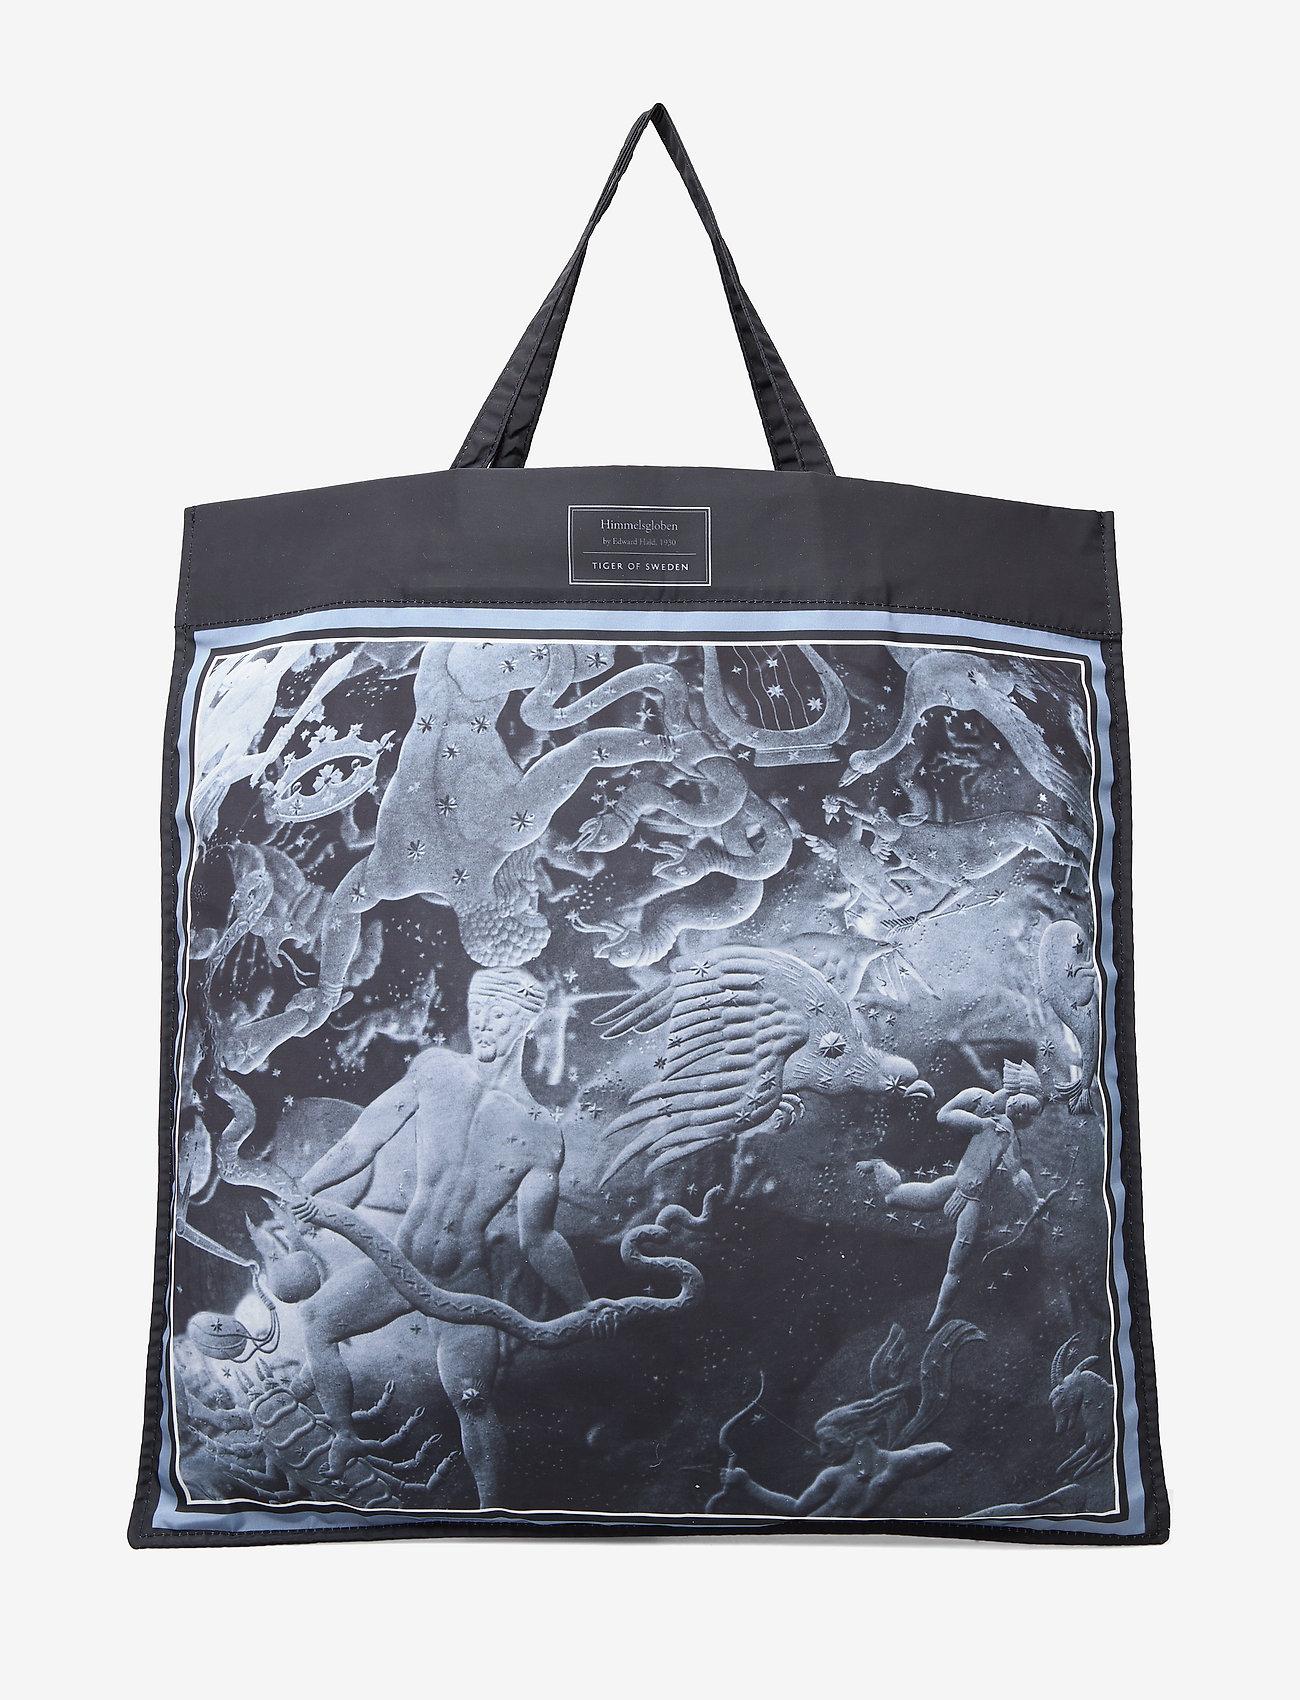 Tiger of Sweden - ALVARA - tote bags - light ink - 1